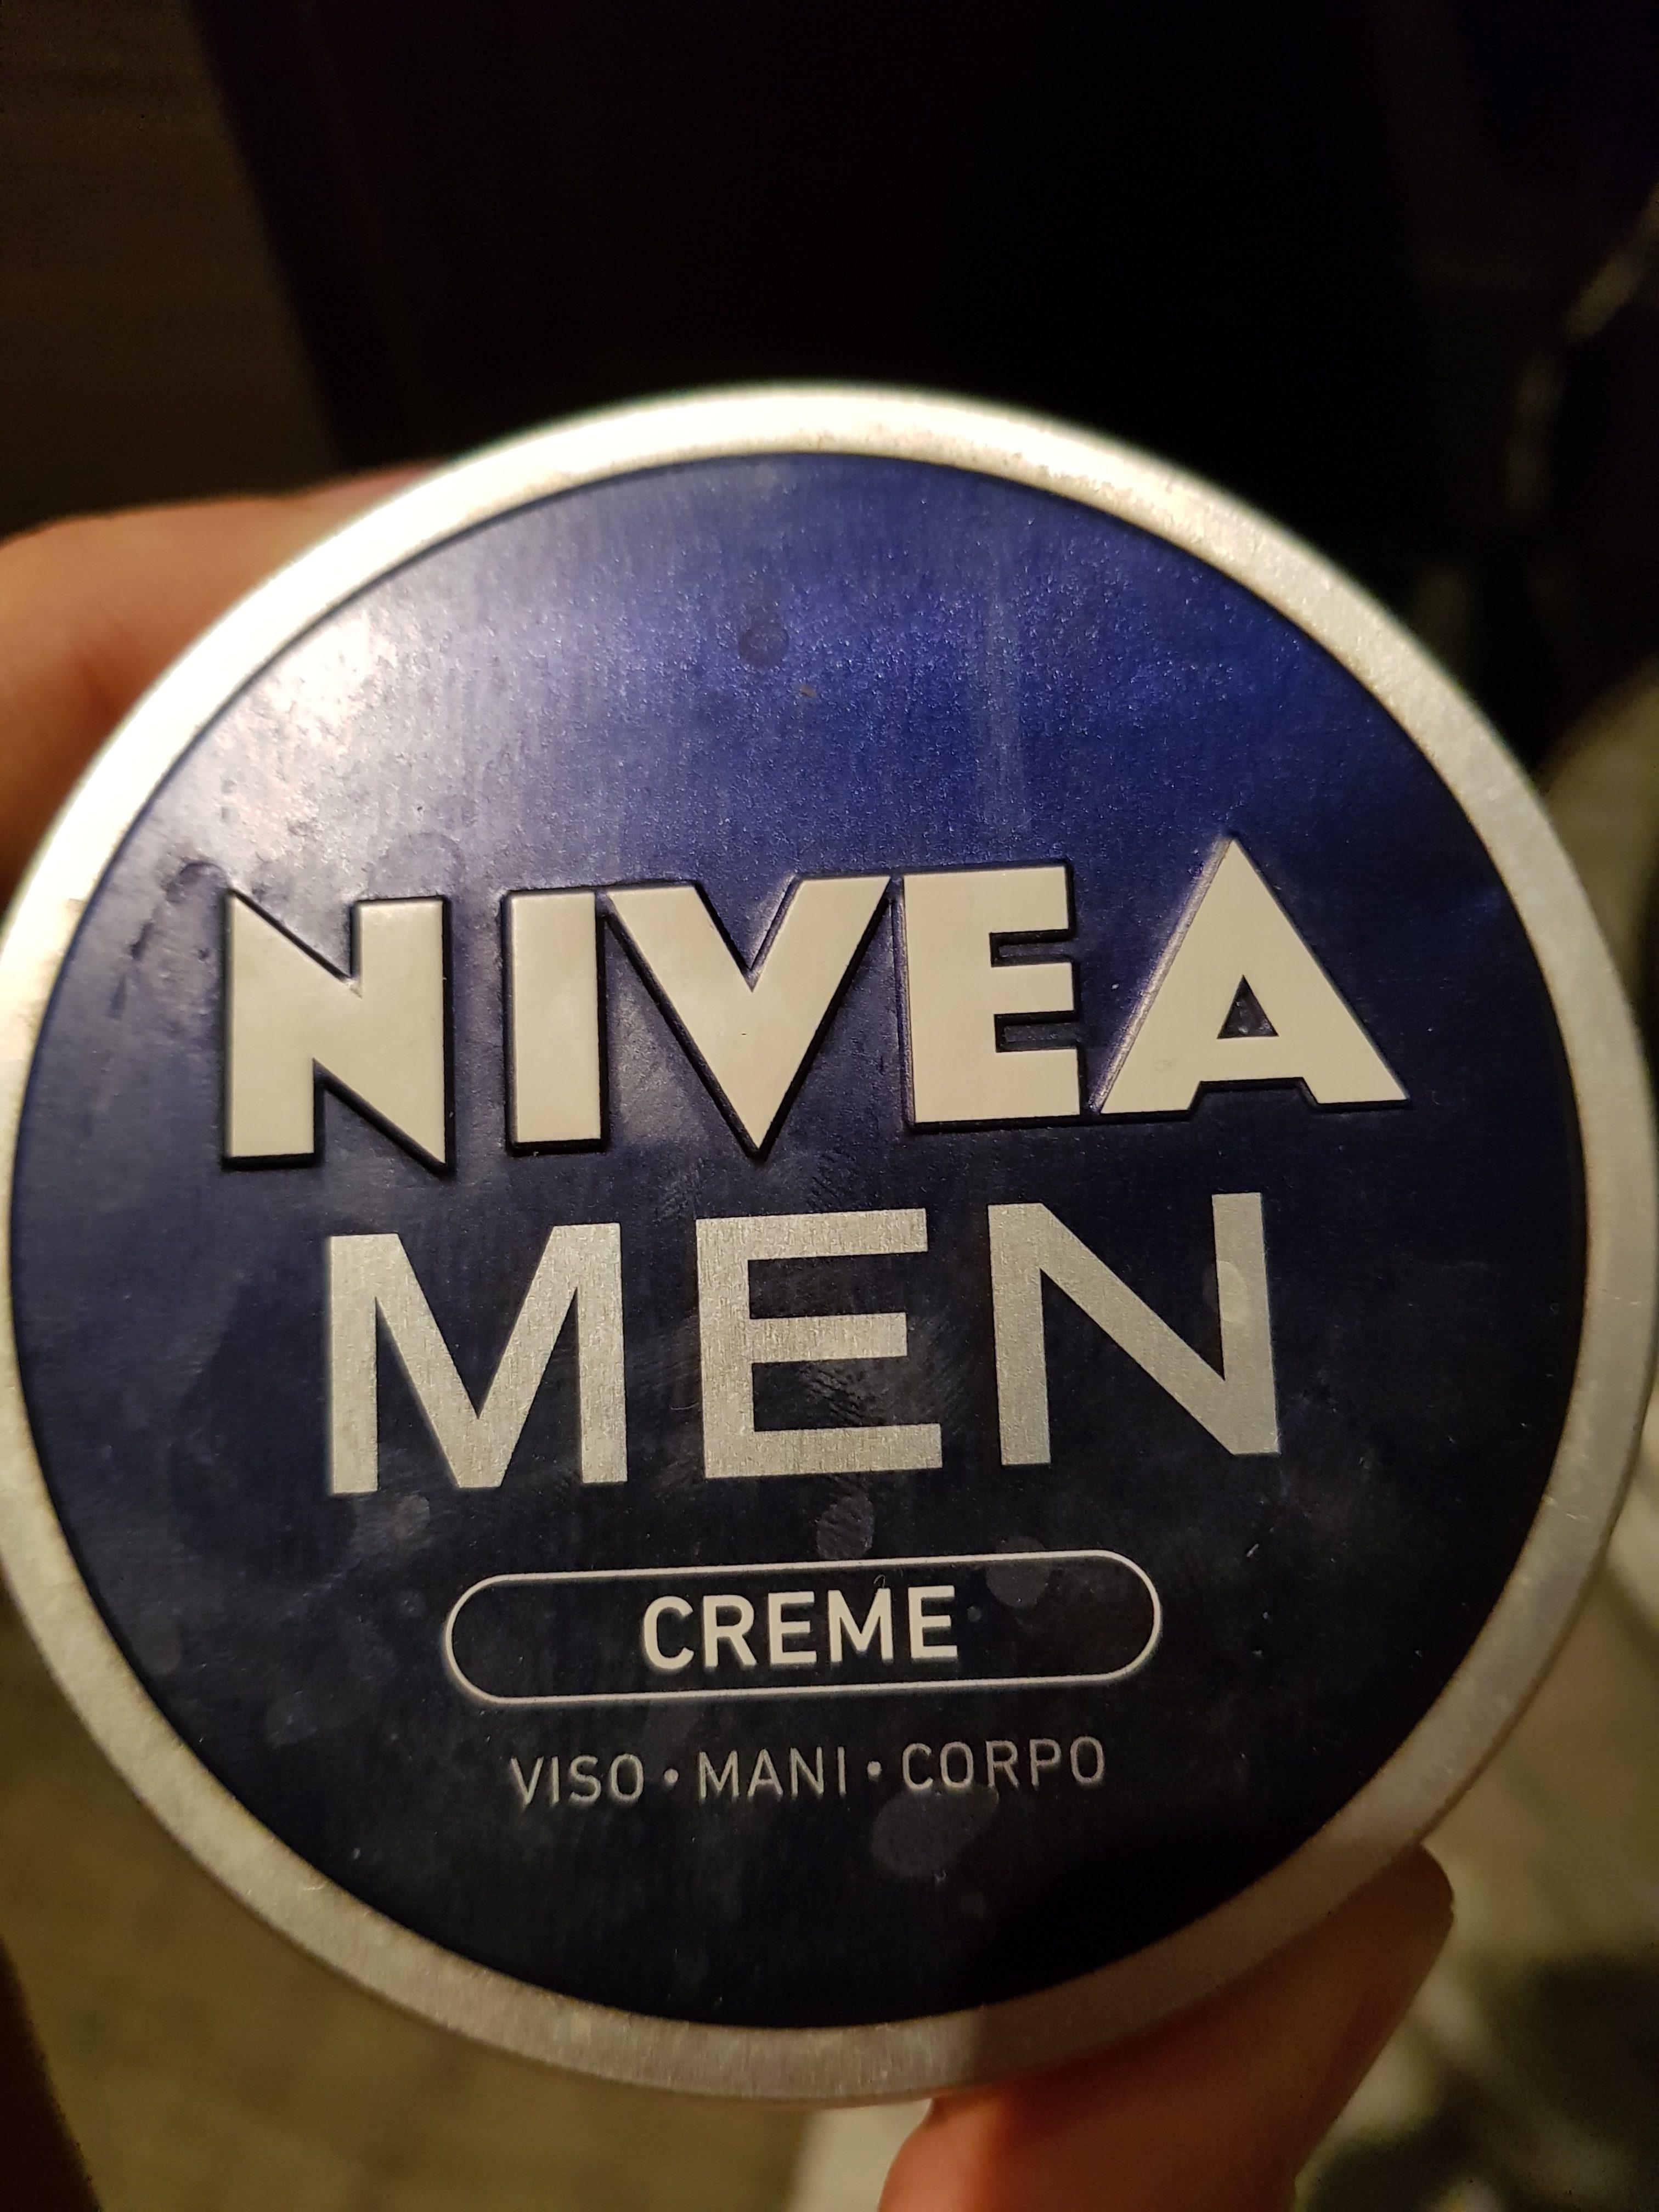 Nivea men - Product